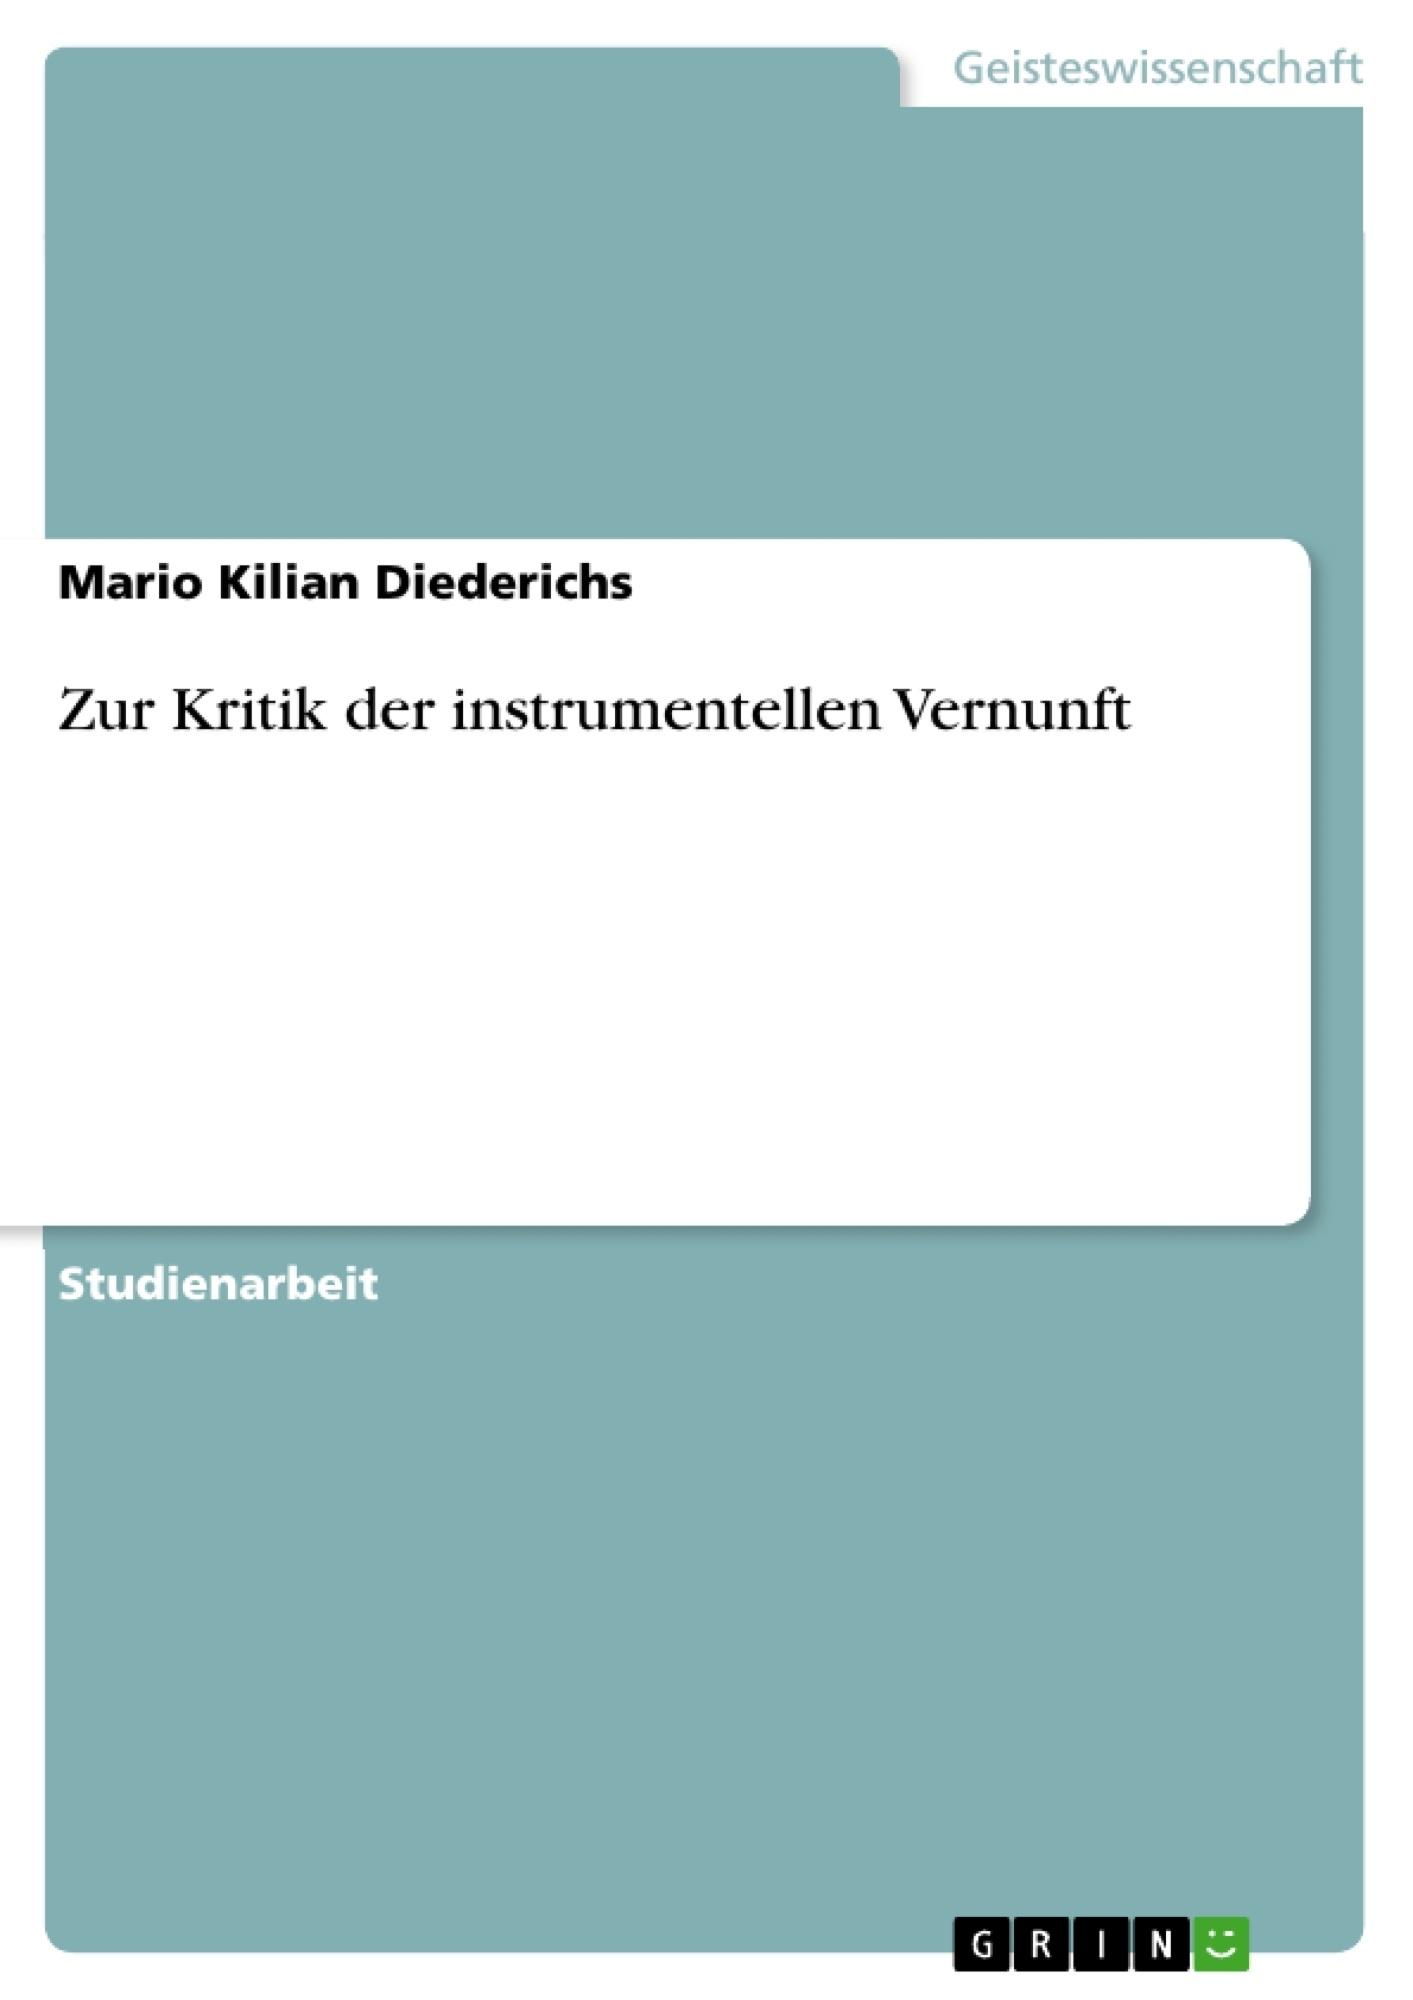 Title: Zur Kritik der instrumentellen Vernunft